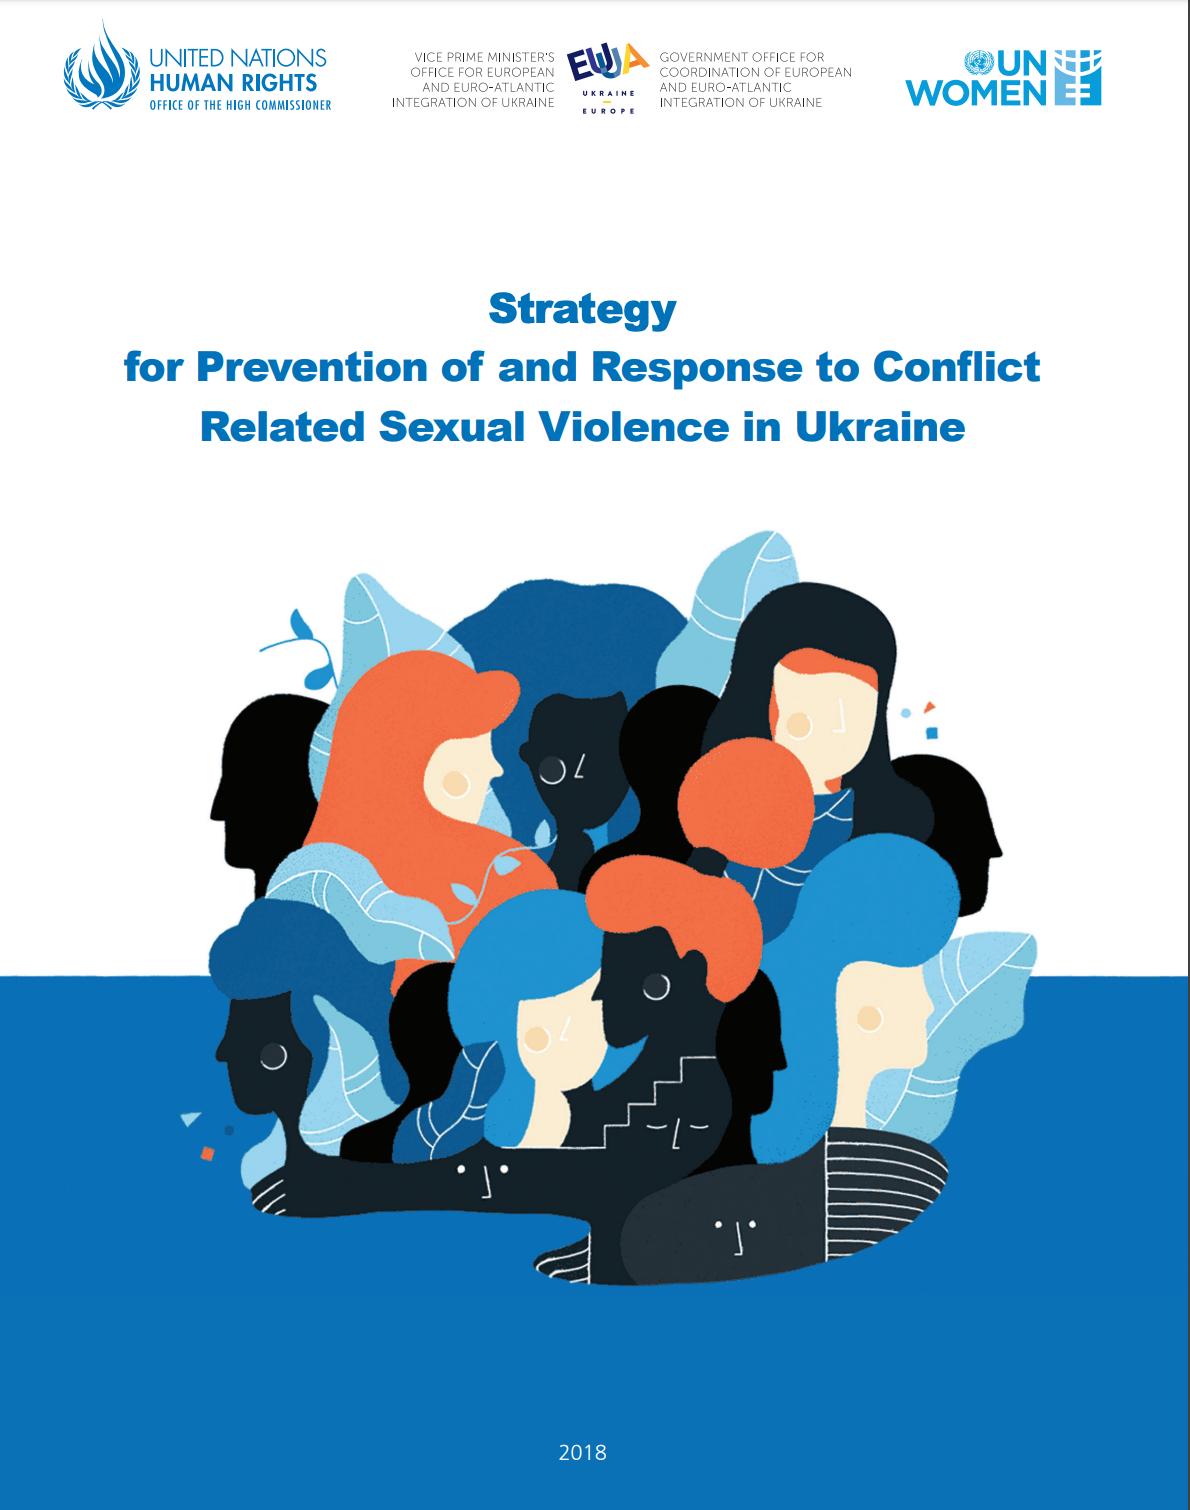 Стратегія запобігання та протидії сексуальному насильству, пов'язаному з конфліктом в Україні